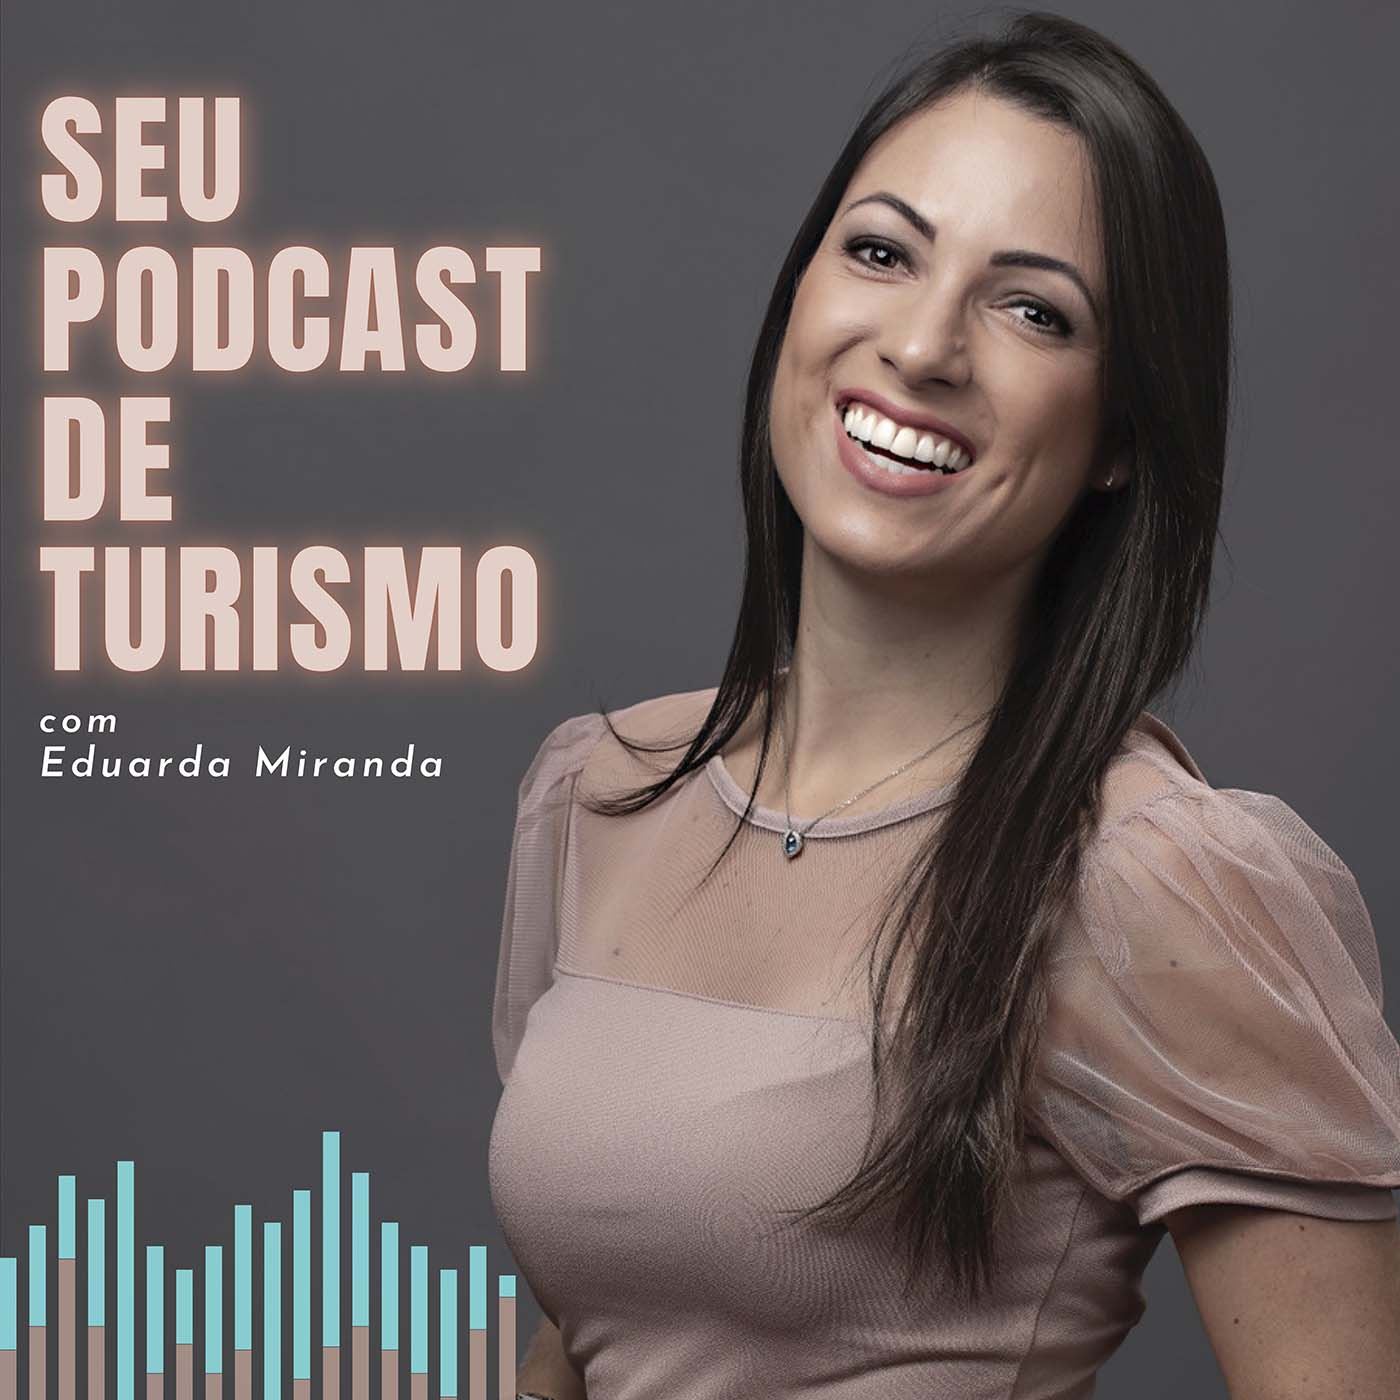 Seu Podcast de Turismo